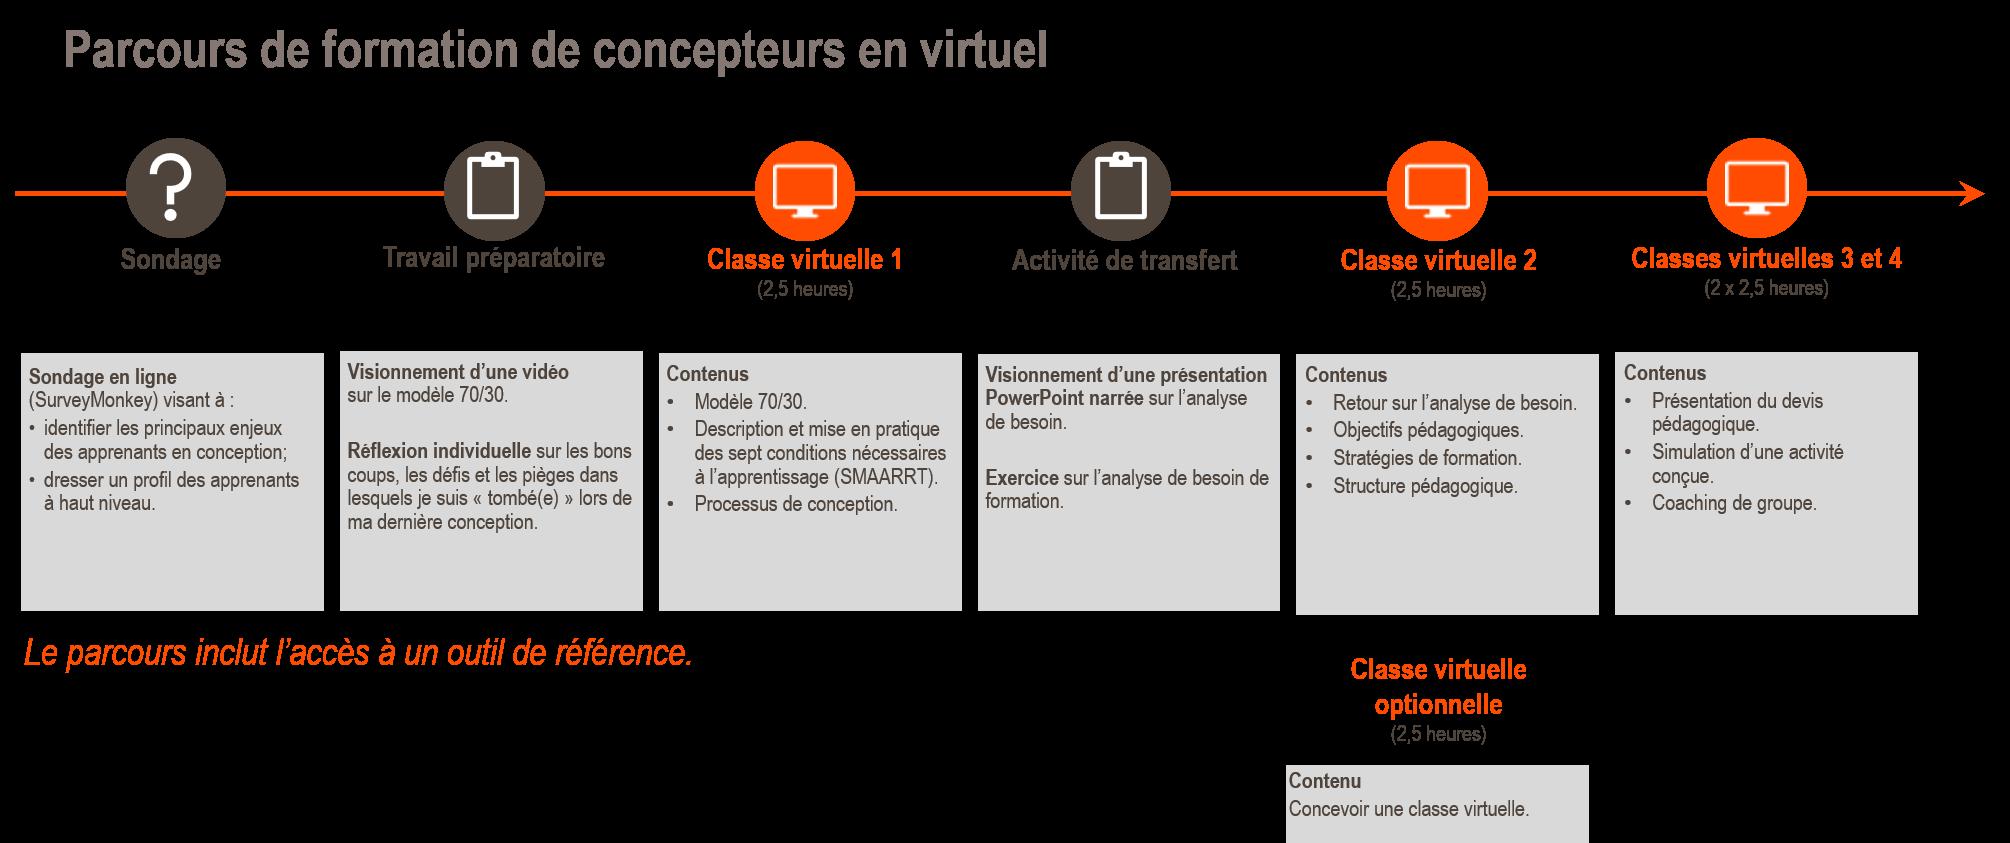 Parcours_formation_concepteur_virtuel